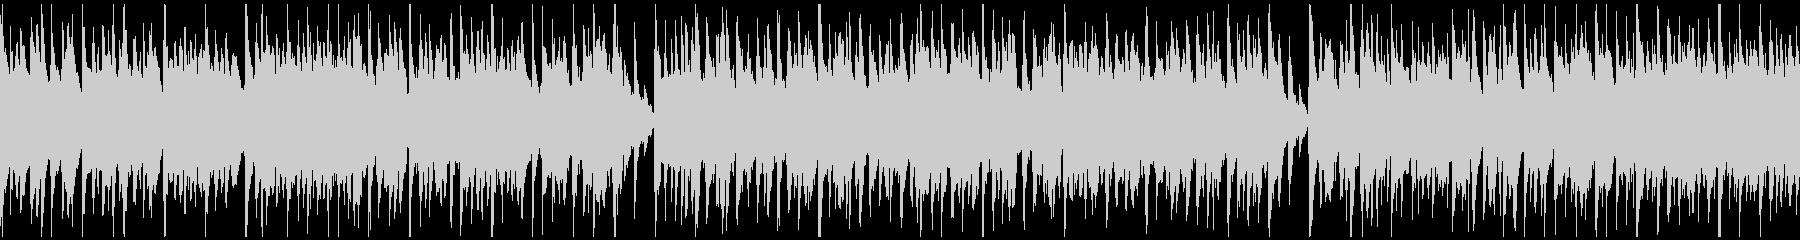 元気ウクレレ生演奏ハワイポップ※ループ版の未再生の波形